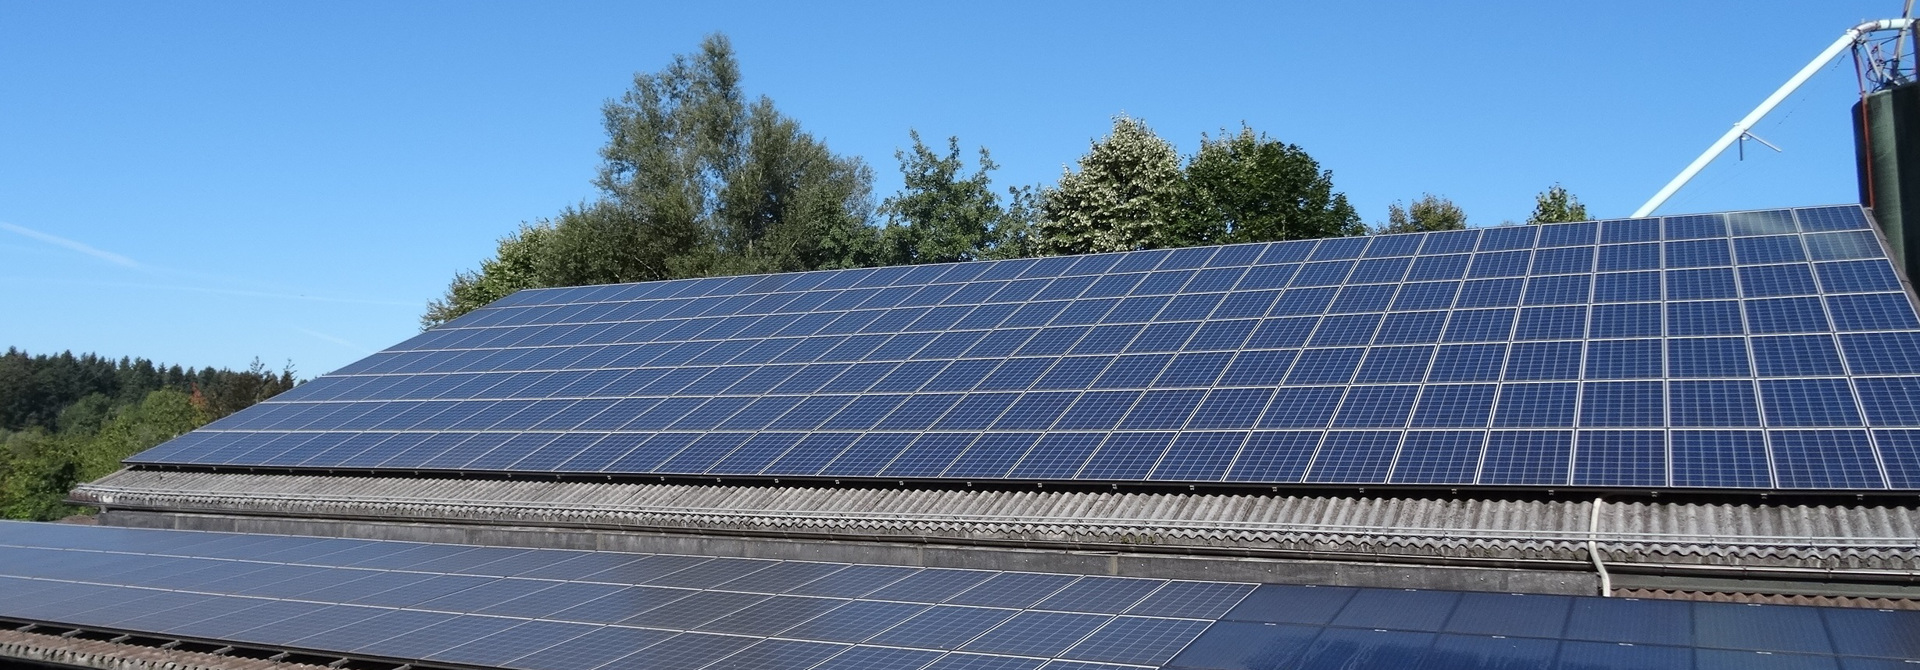 Die Photovoltaikanlage produziert Strom aus Sonnenenergie>